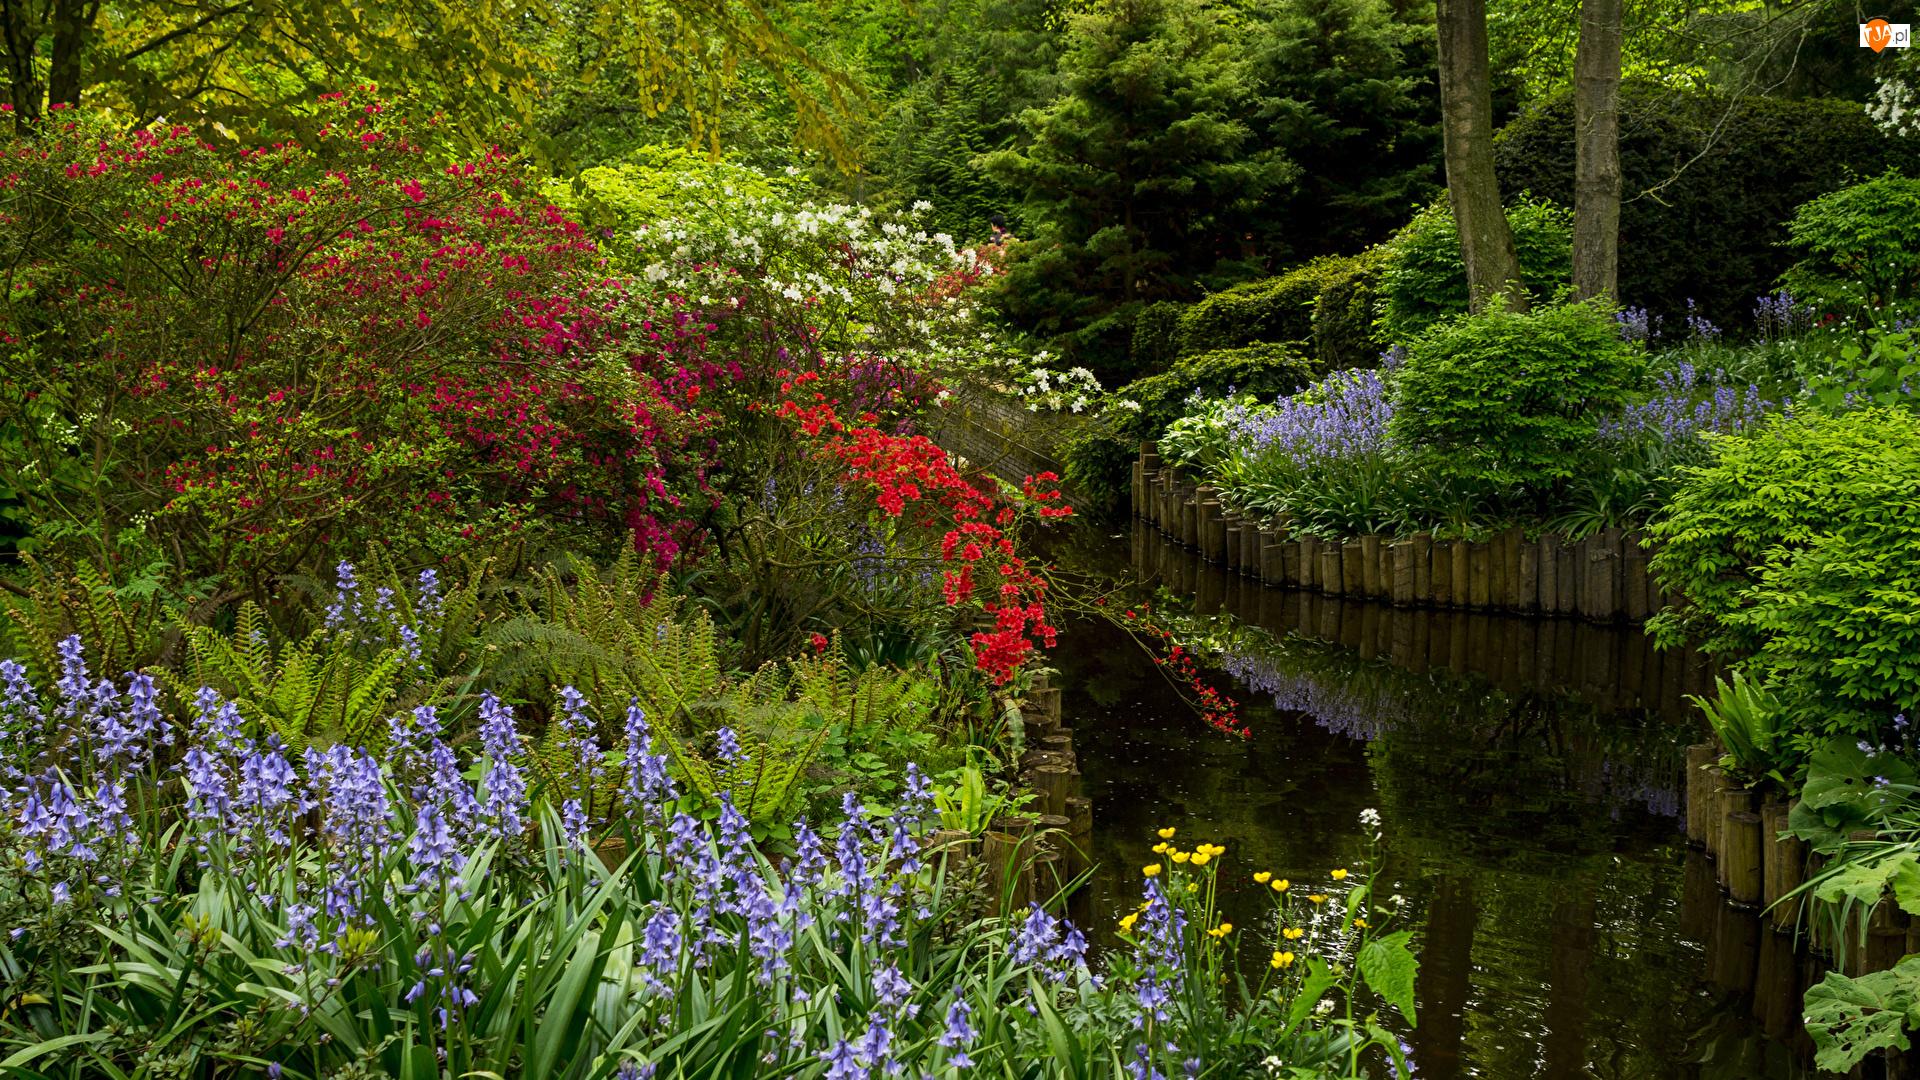 Holandia, Staw, Drzewa, Dzwonki, Park, Ogród Keukenhof, Różaneczniki, Krzewy, Kwiaty, Lisse